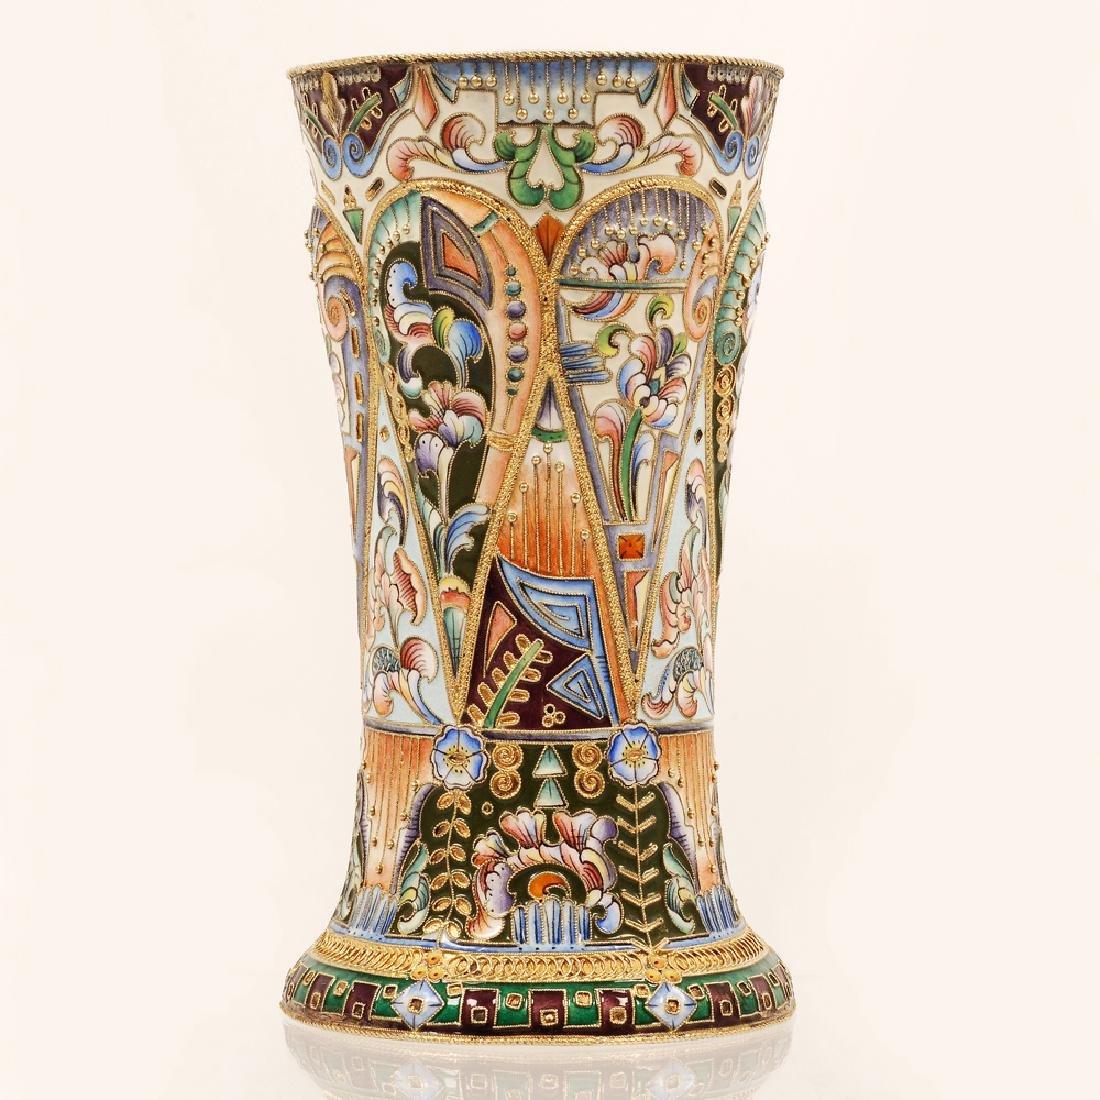 20th Artel shaded enamel beaker vase